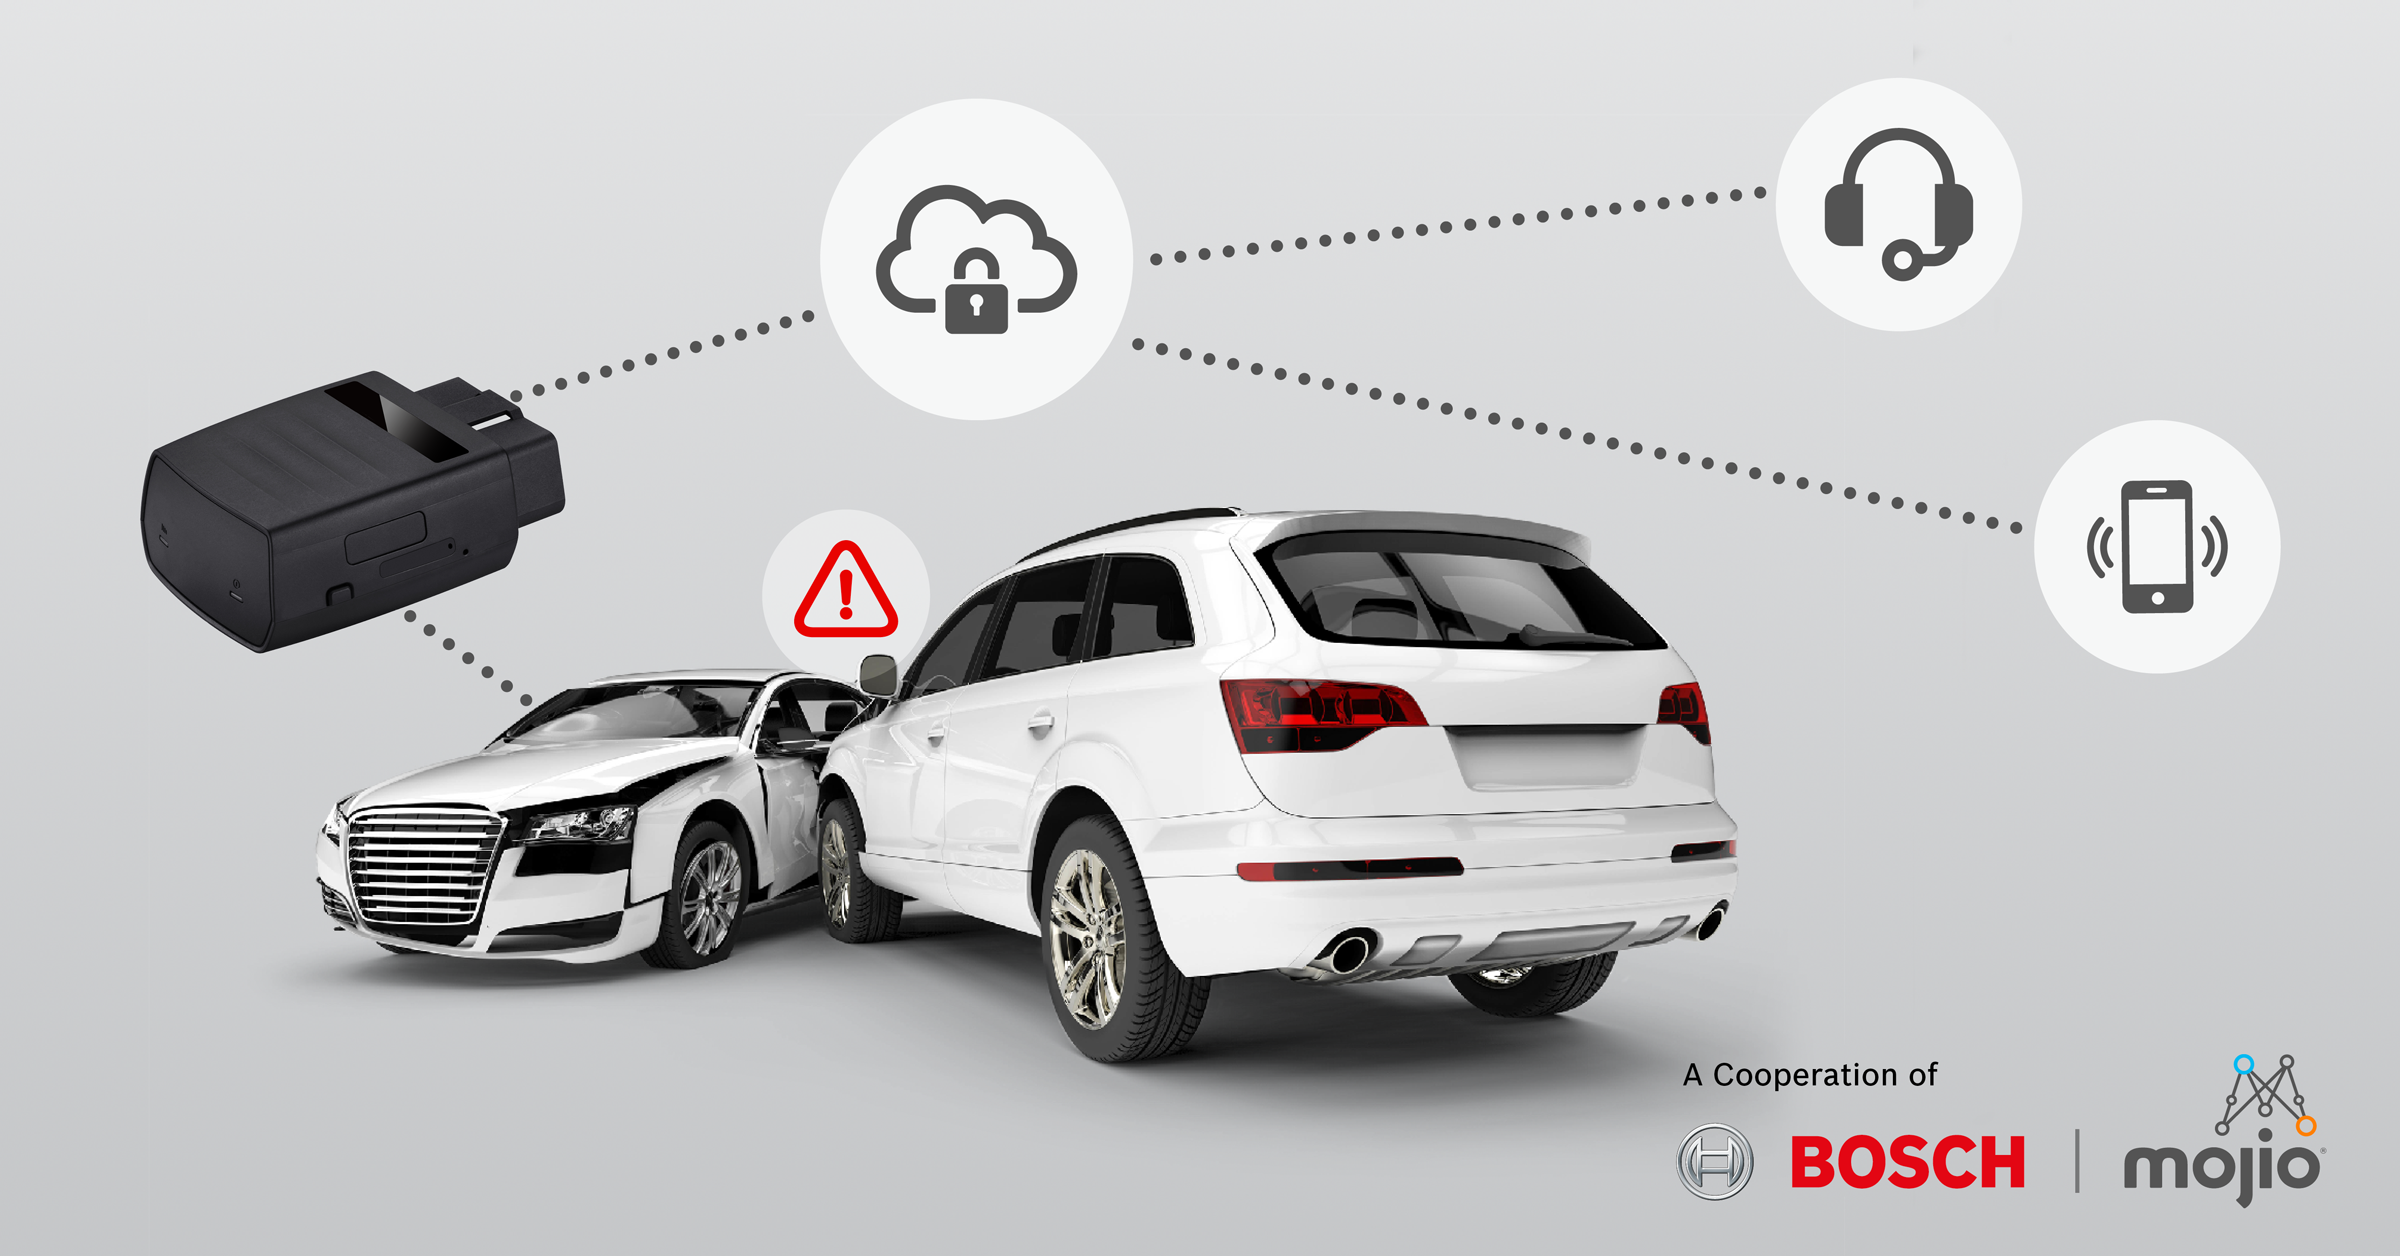 Das erste integrierte IoT-Angebot für vernetzte Fahrzeuge